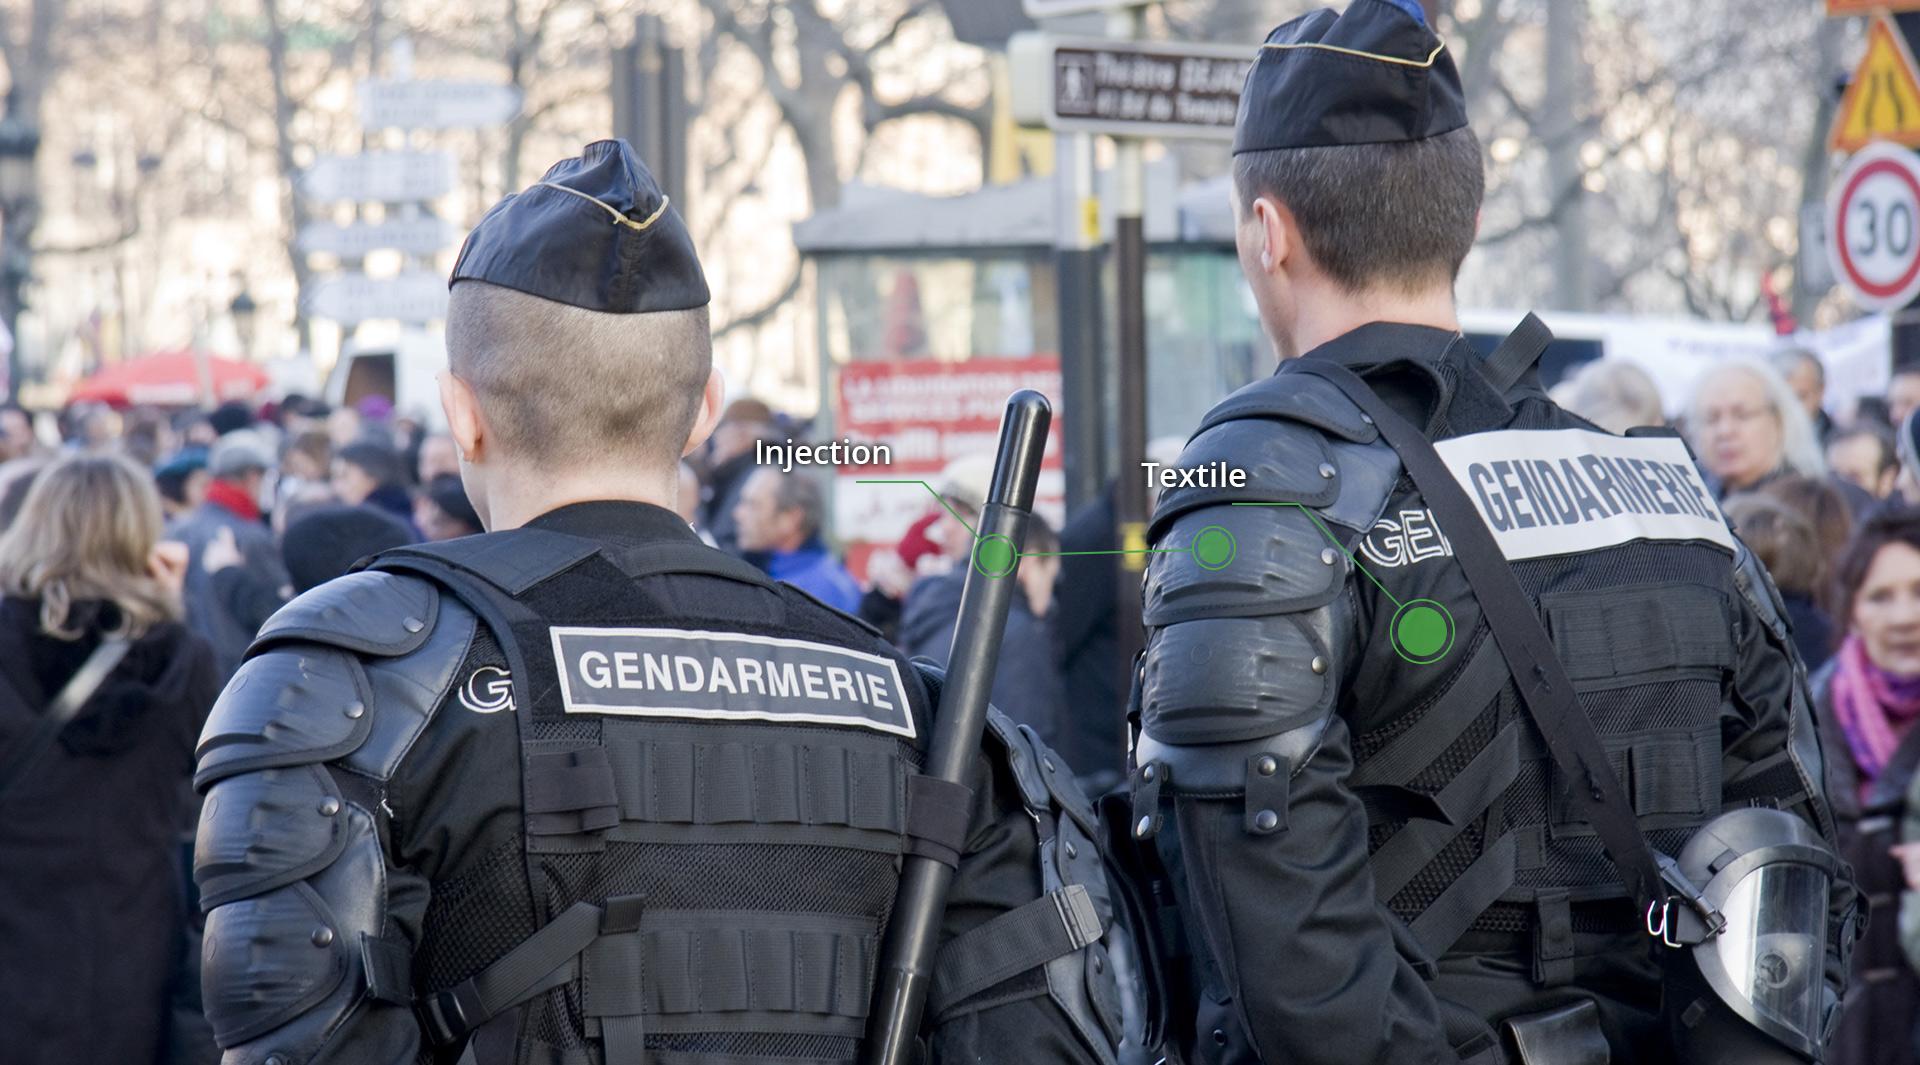 Pièces plastiques avec une bonne tenue aux chocs pour assurer la protection des hommes tels que les CRS www.sagaertplastique.com